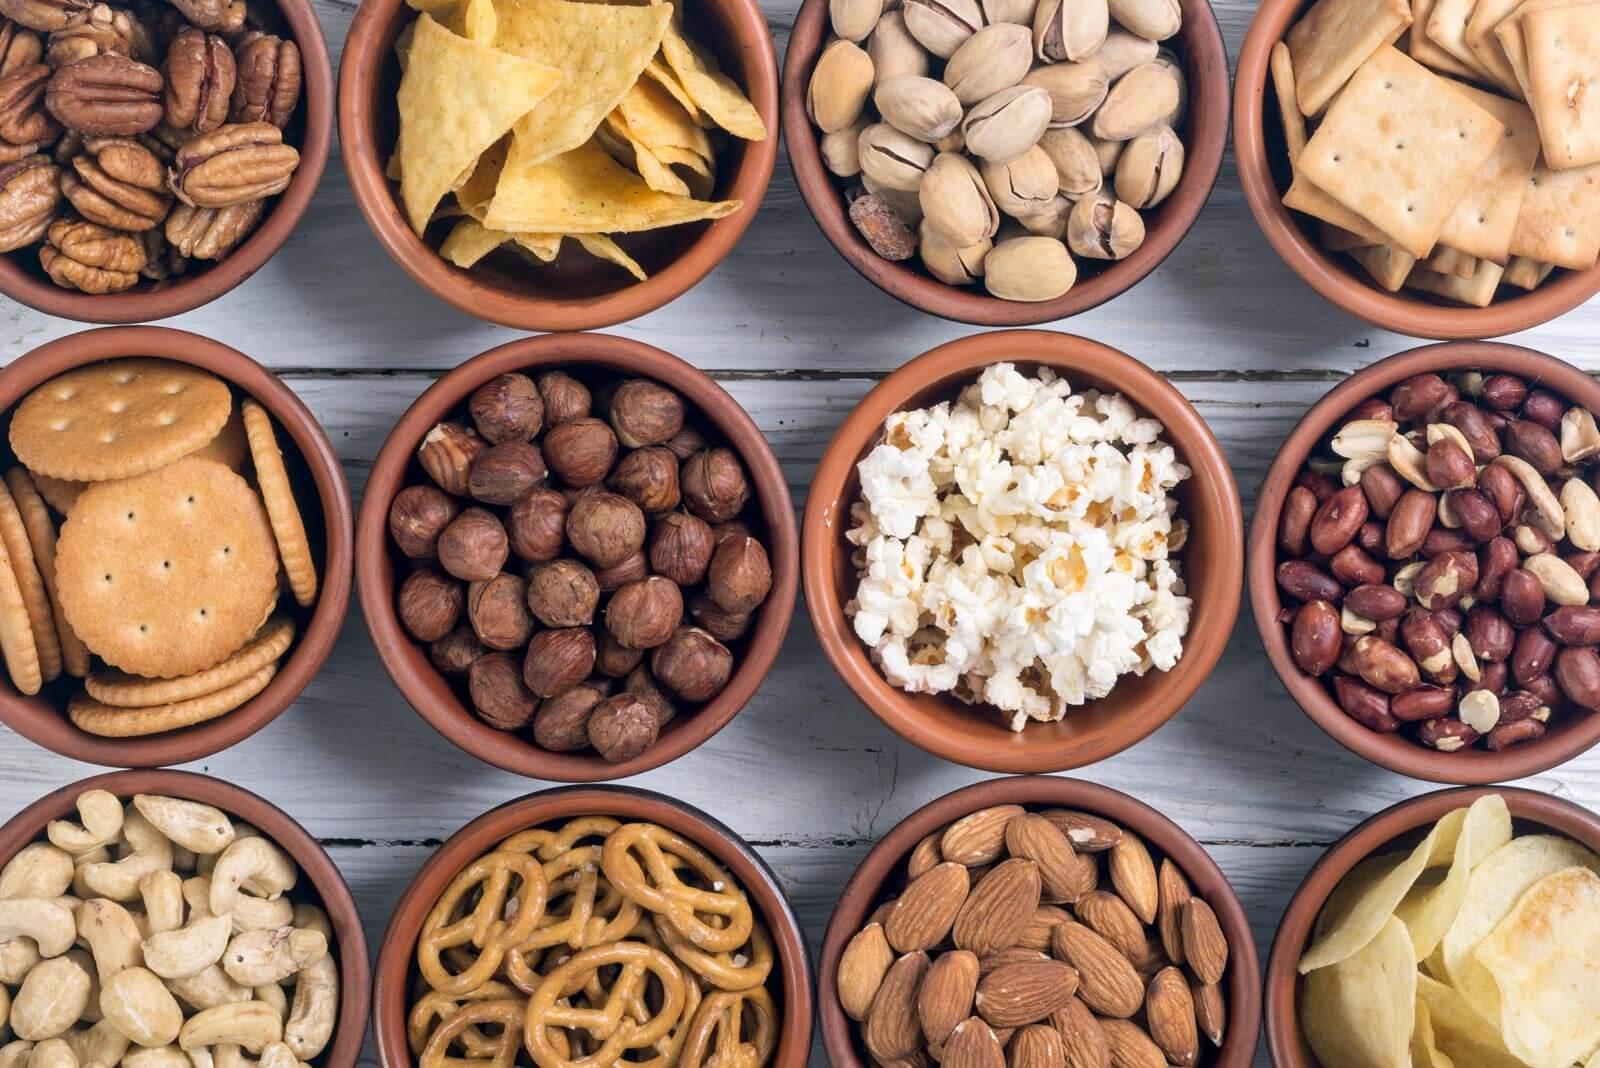 Mikrolæring – Lær deg mer i mindre porsjoner